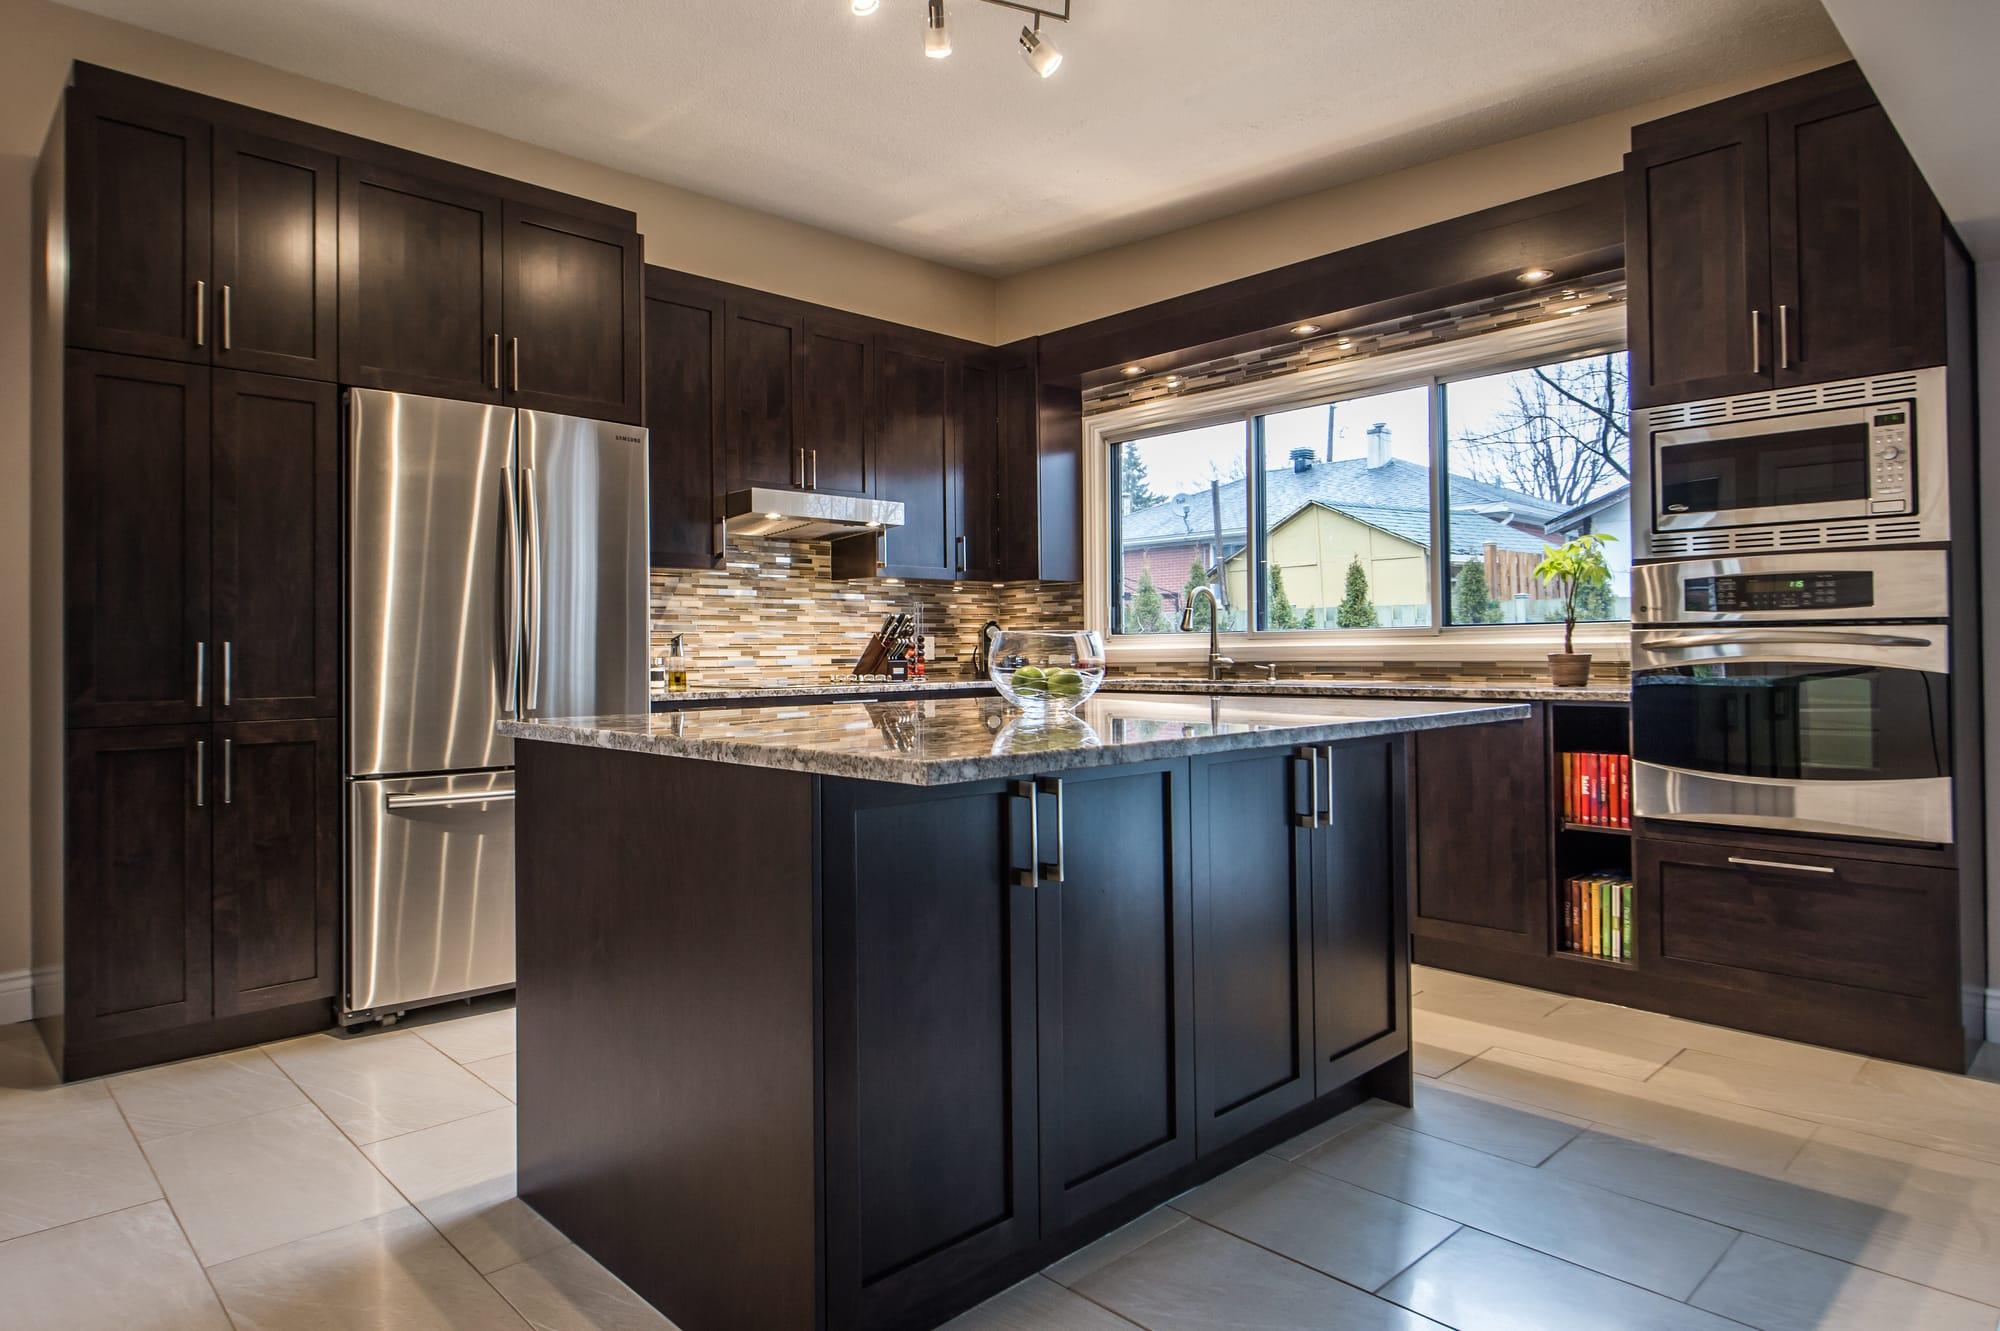 cuisine moderne en bois foncé de style shaker avec îlot, comptoirs de granite et four encastré